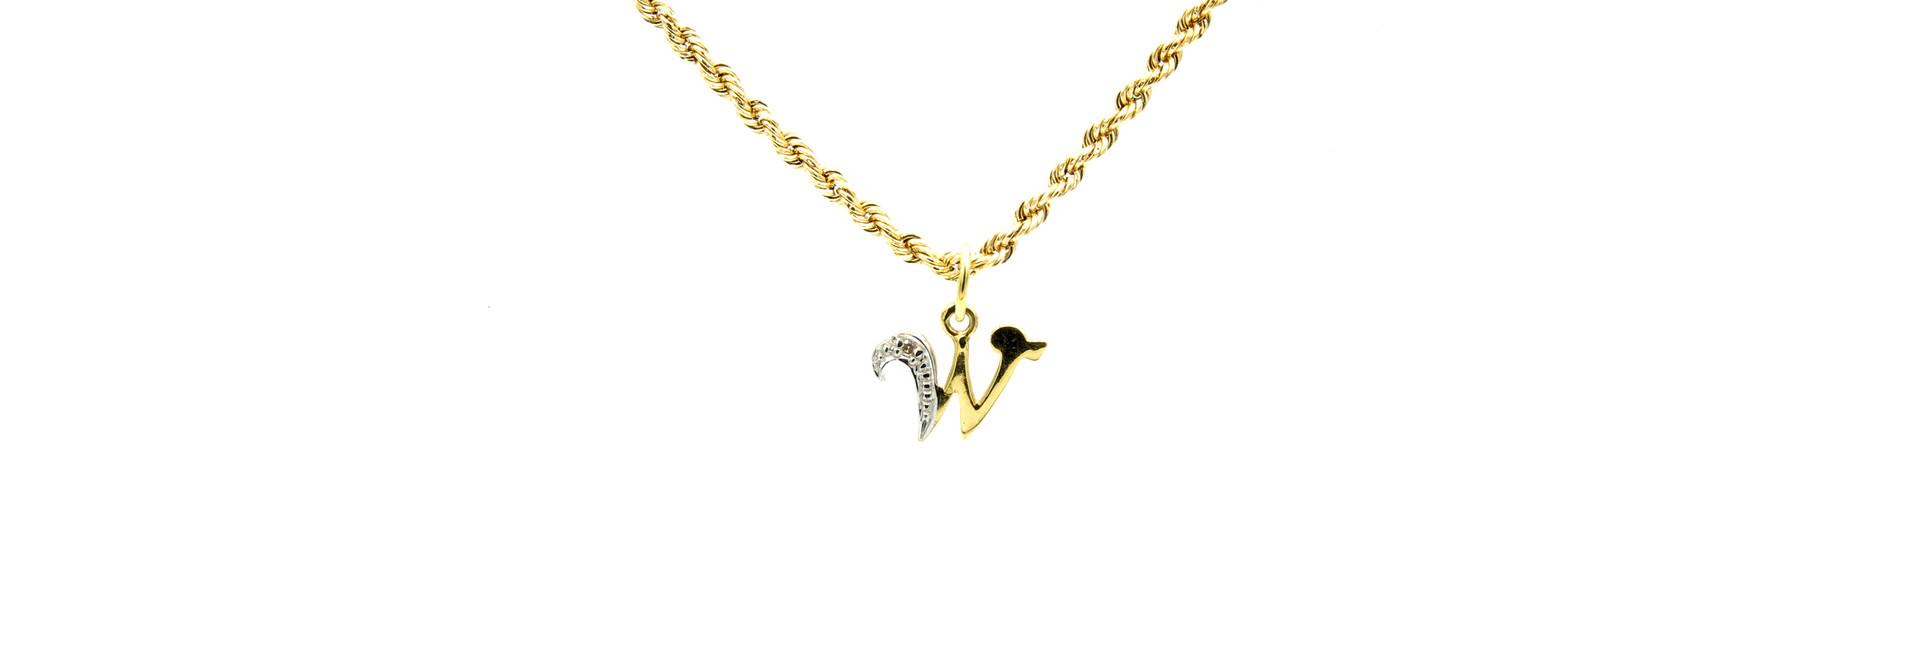 Hanger met letter W met diamantje